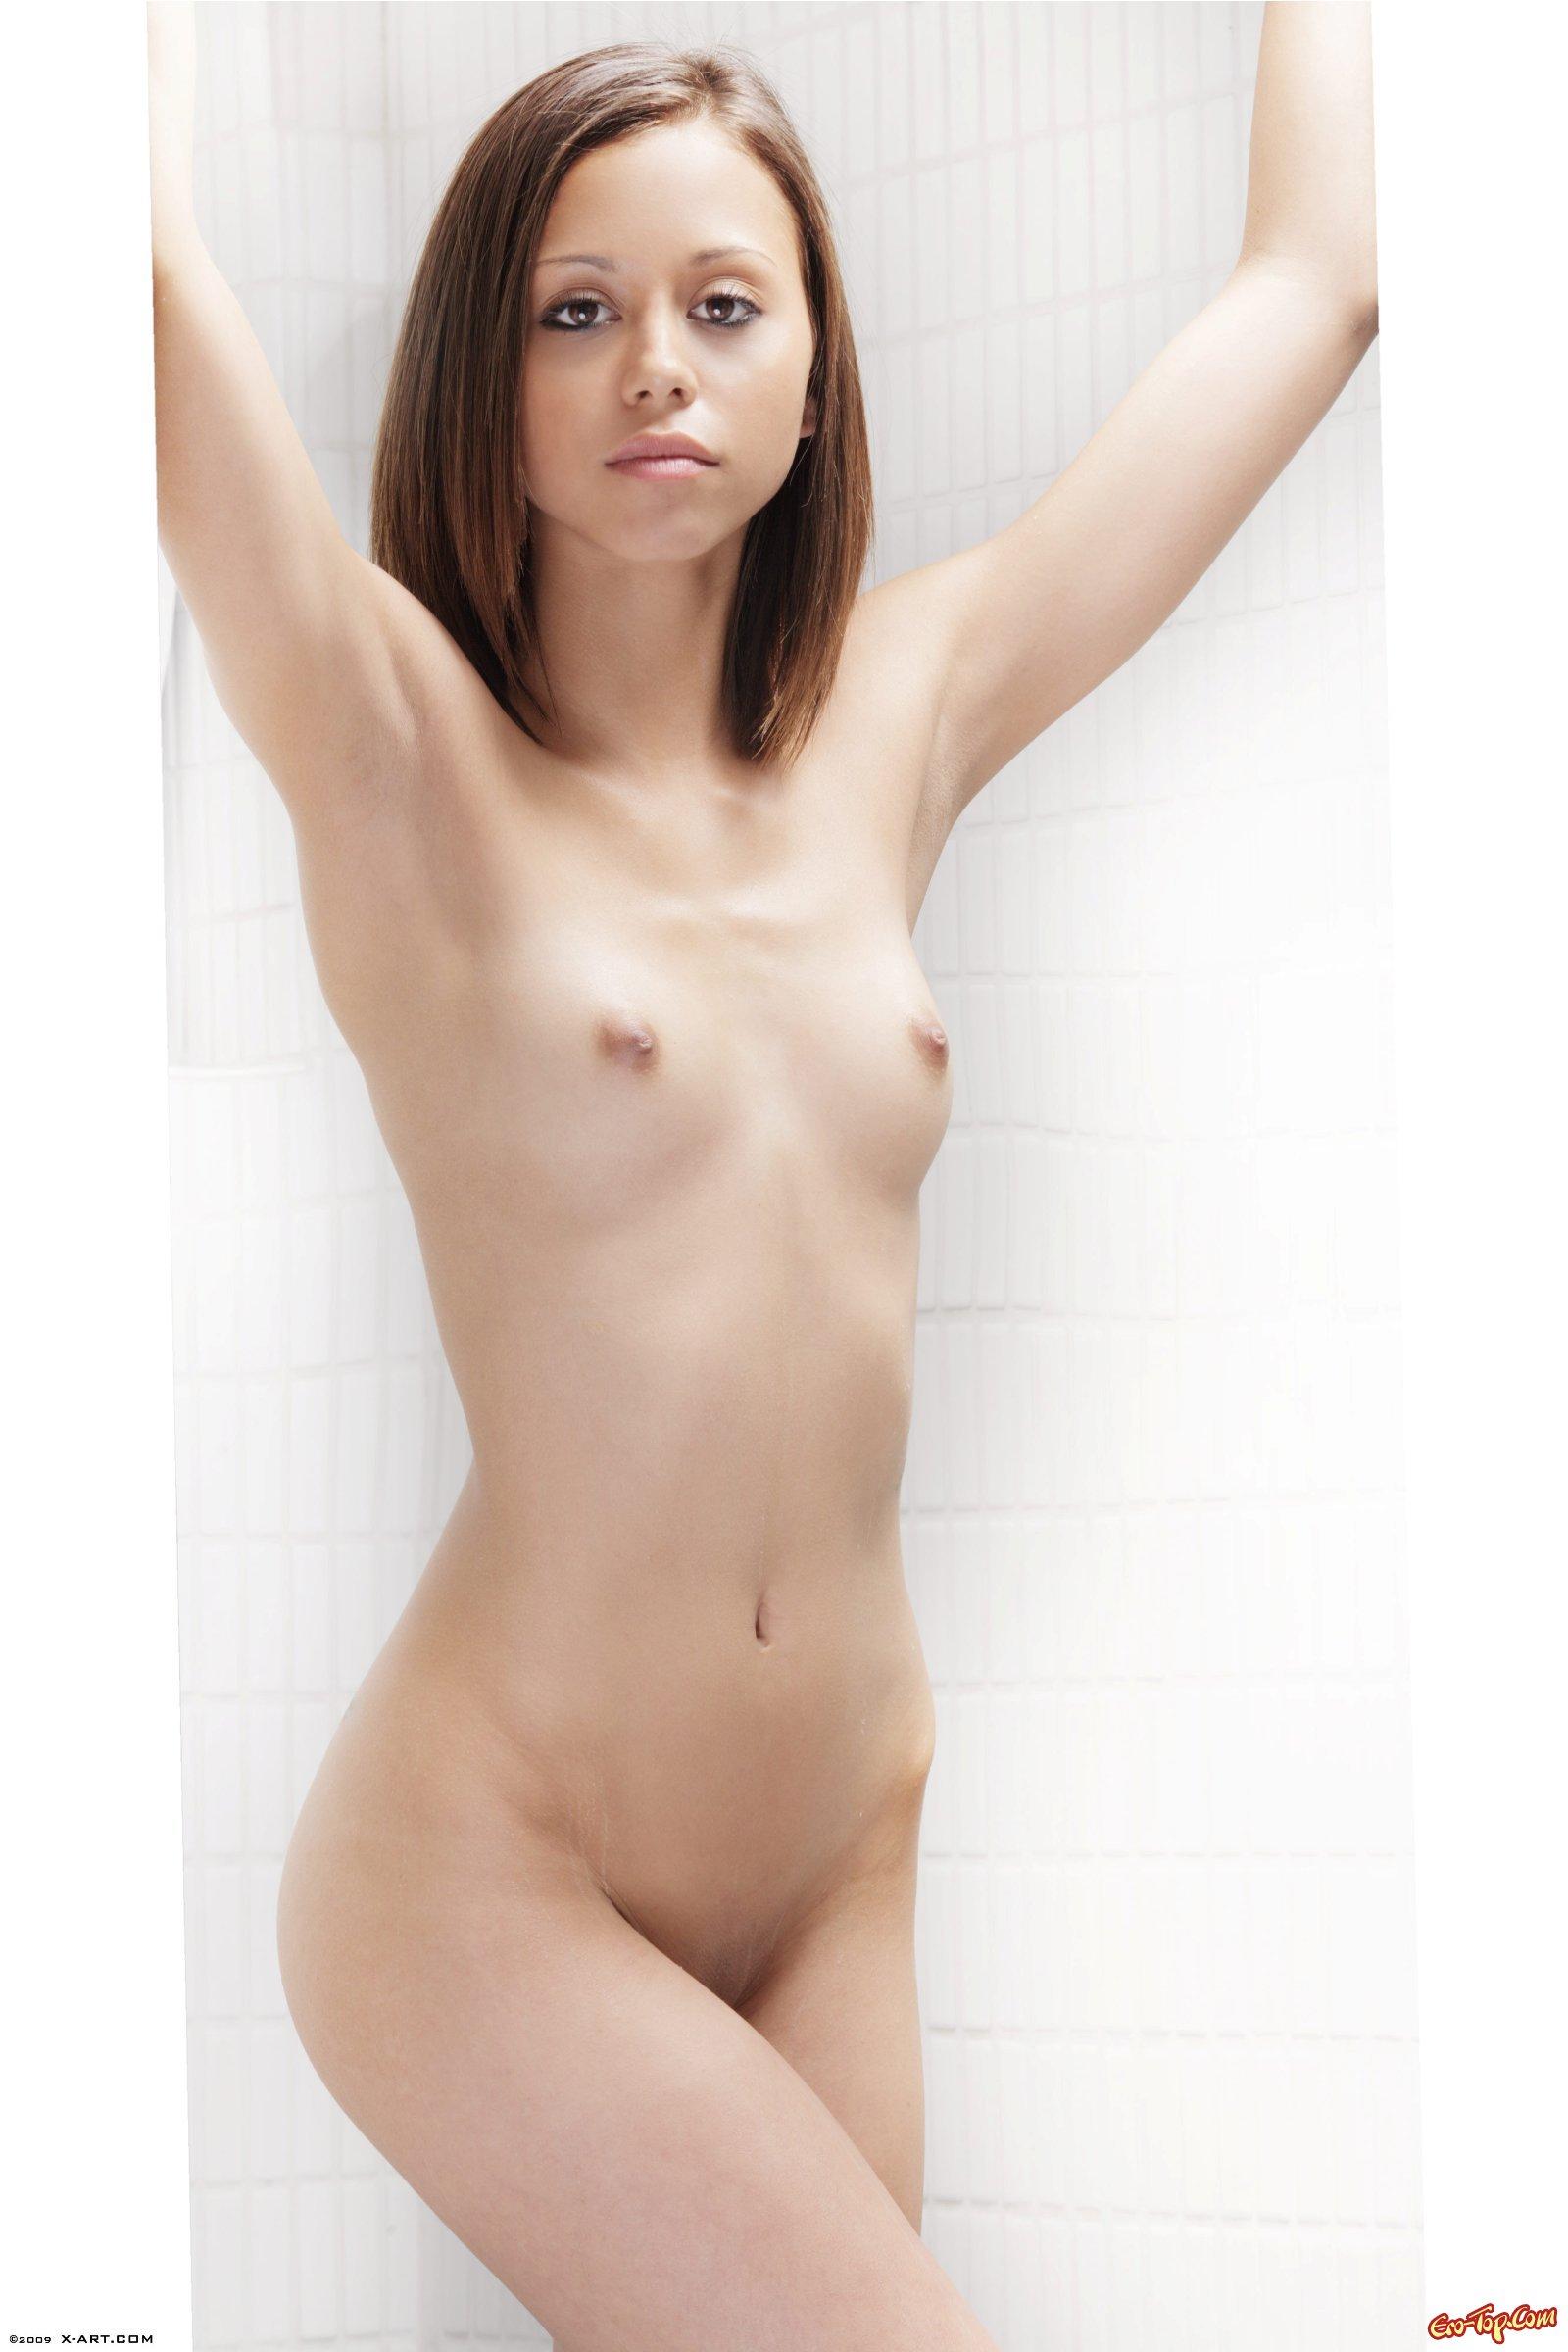 самая красивая и сексуальная девушка года louise glover 28 фото